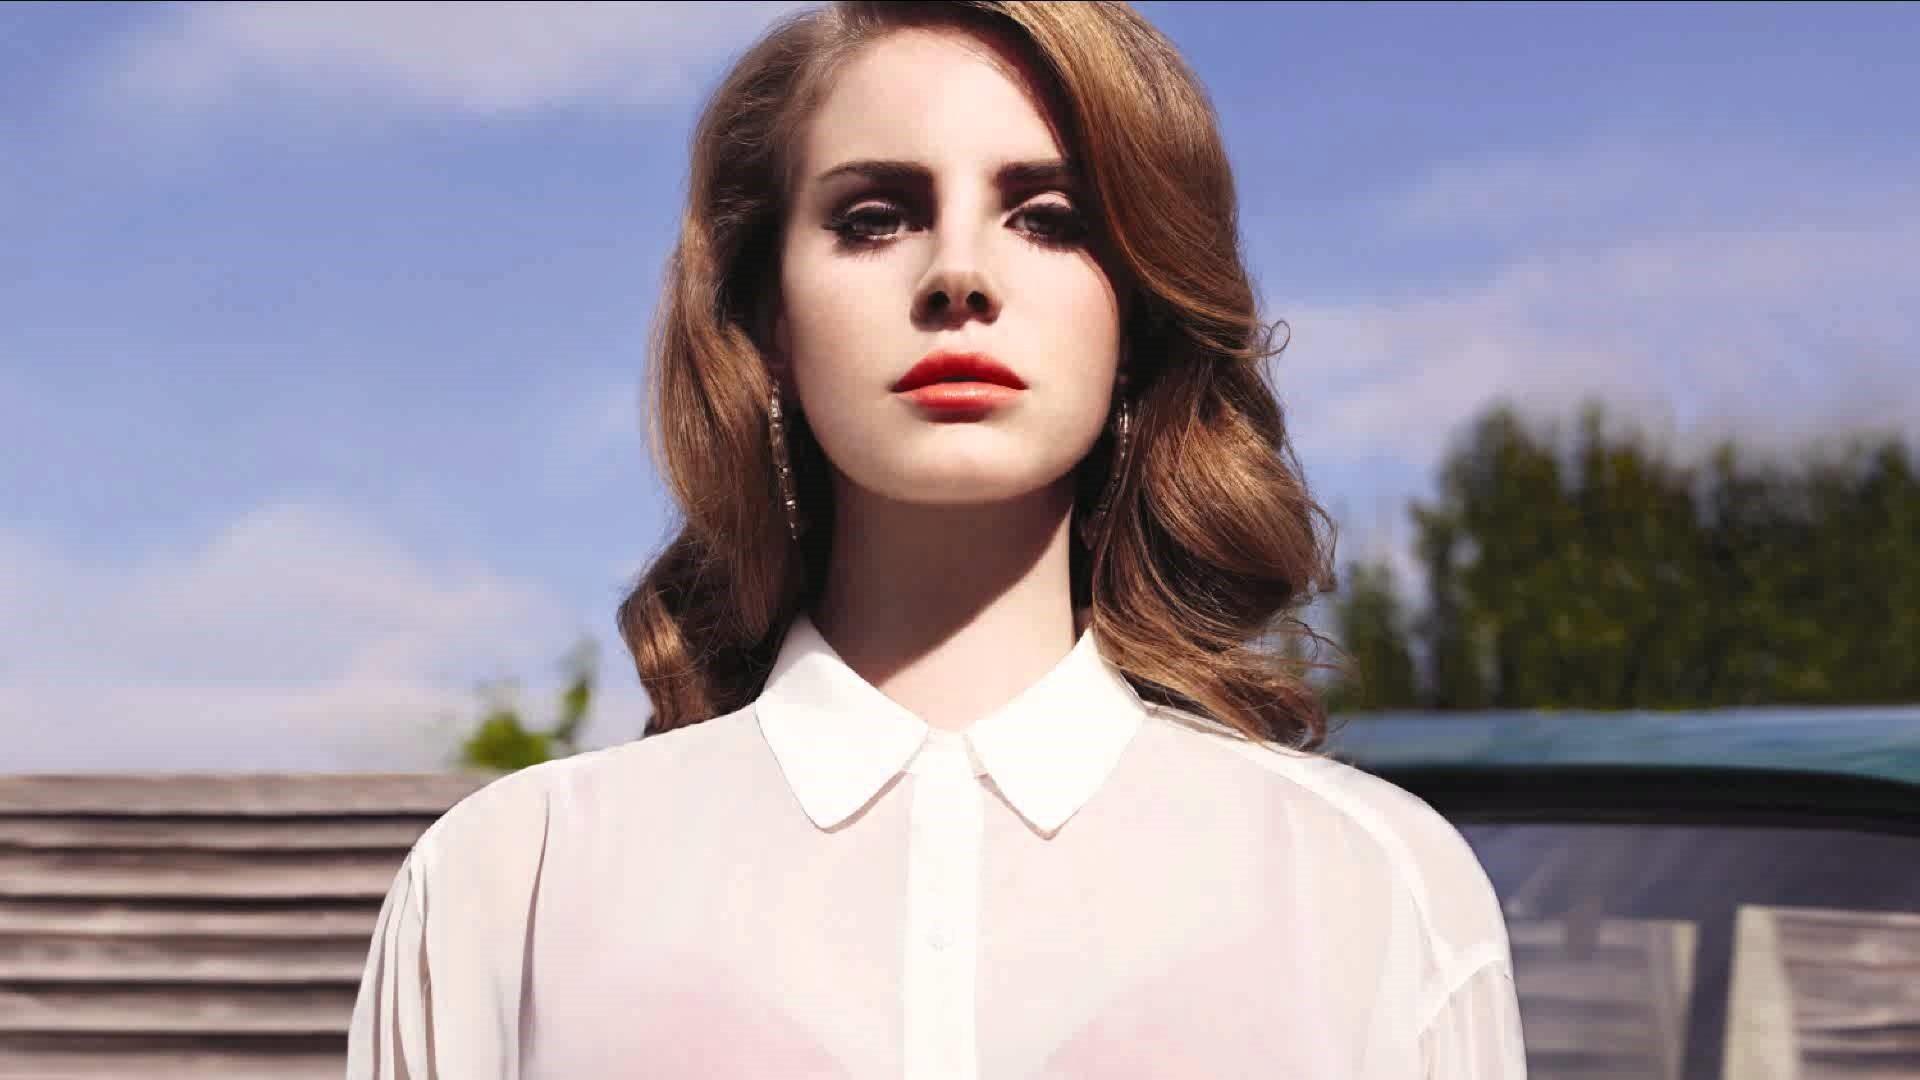 Lana Del Rey HD Wallpaper